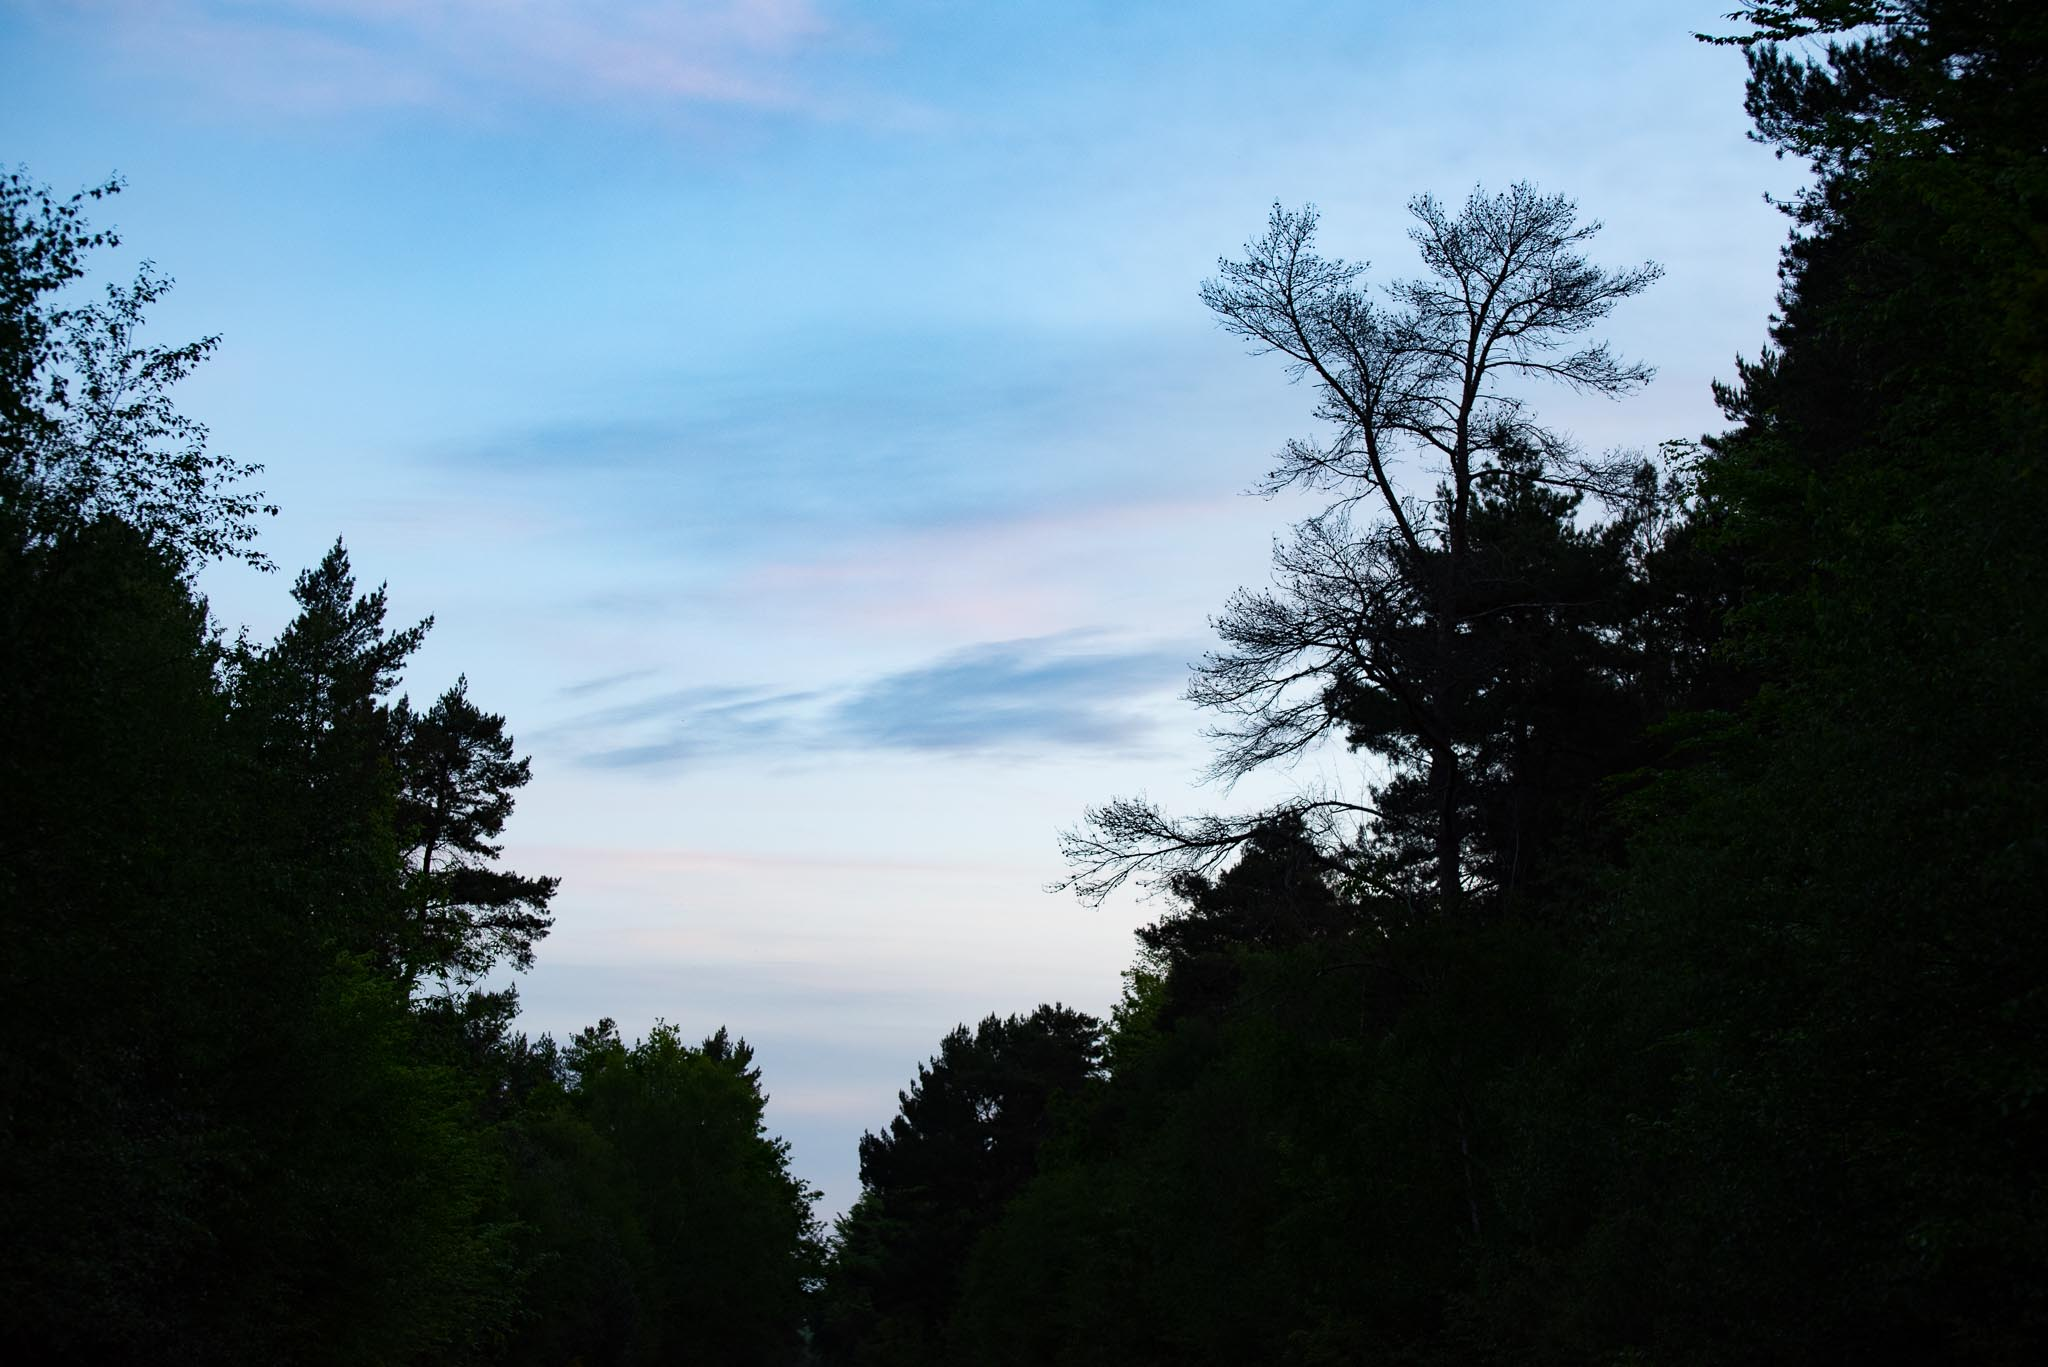 Dawn-8-5-2020-lo-res-12